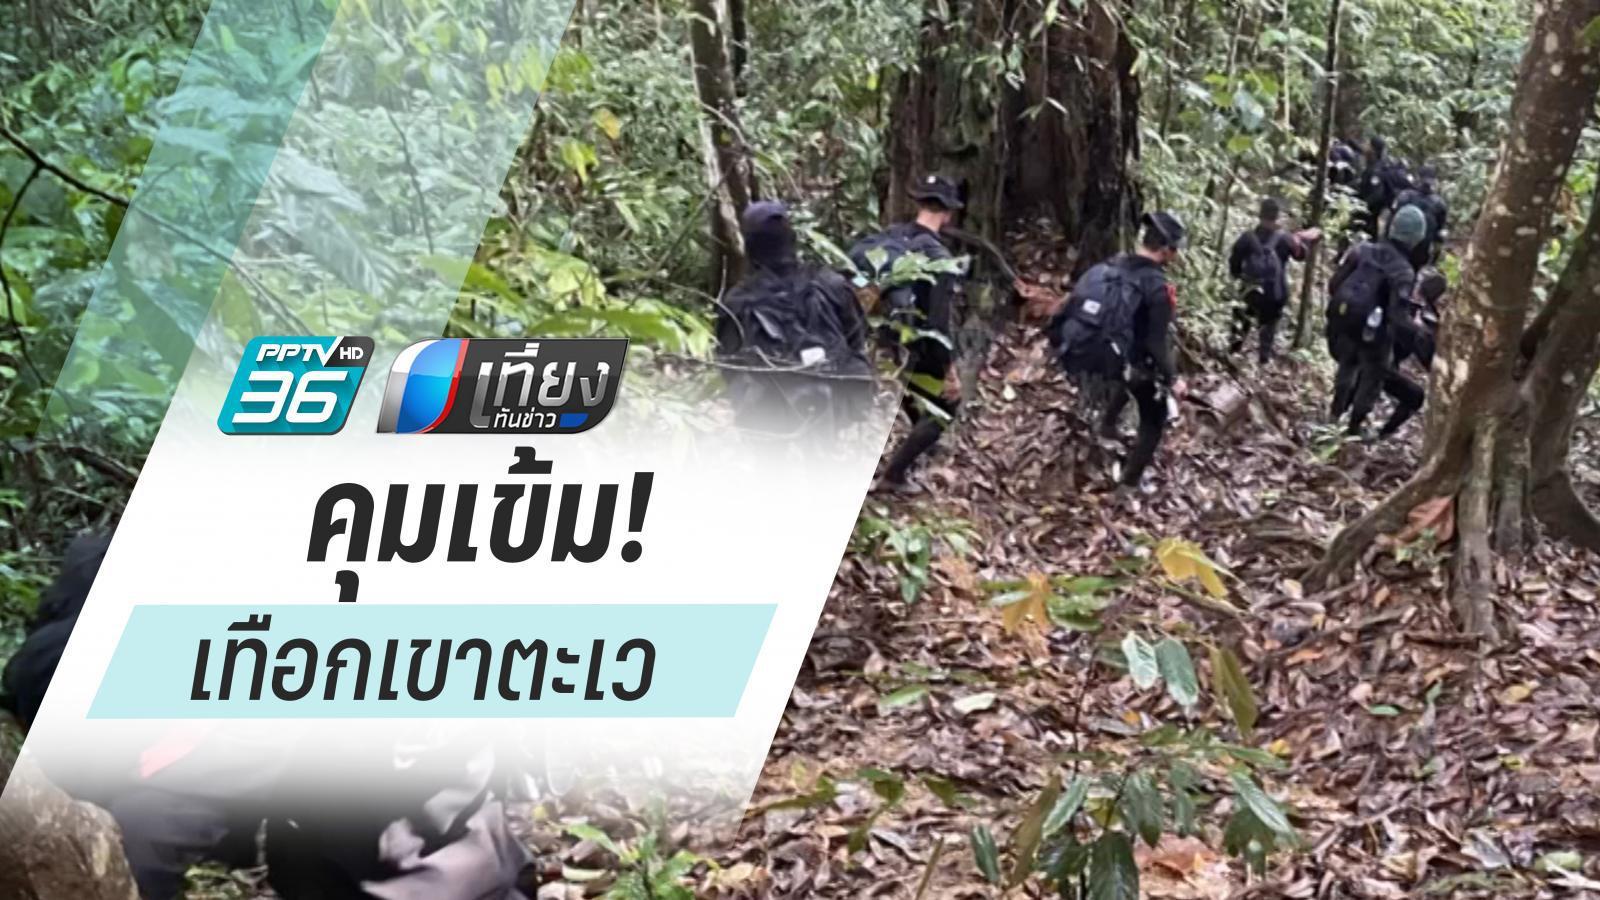 จนท.เข้มความปลอดภัย หลังยิงสนั่นเทือกเขาตะเว ปลิดชีพคนร้าย 5 ศพ